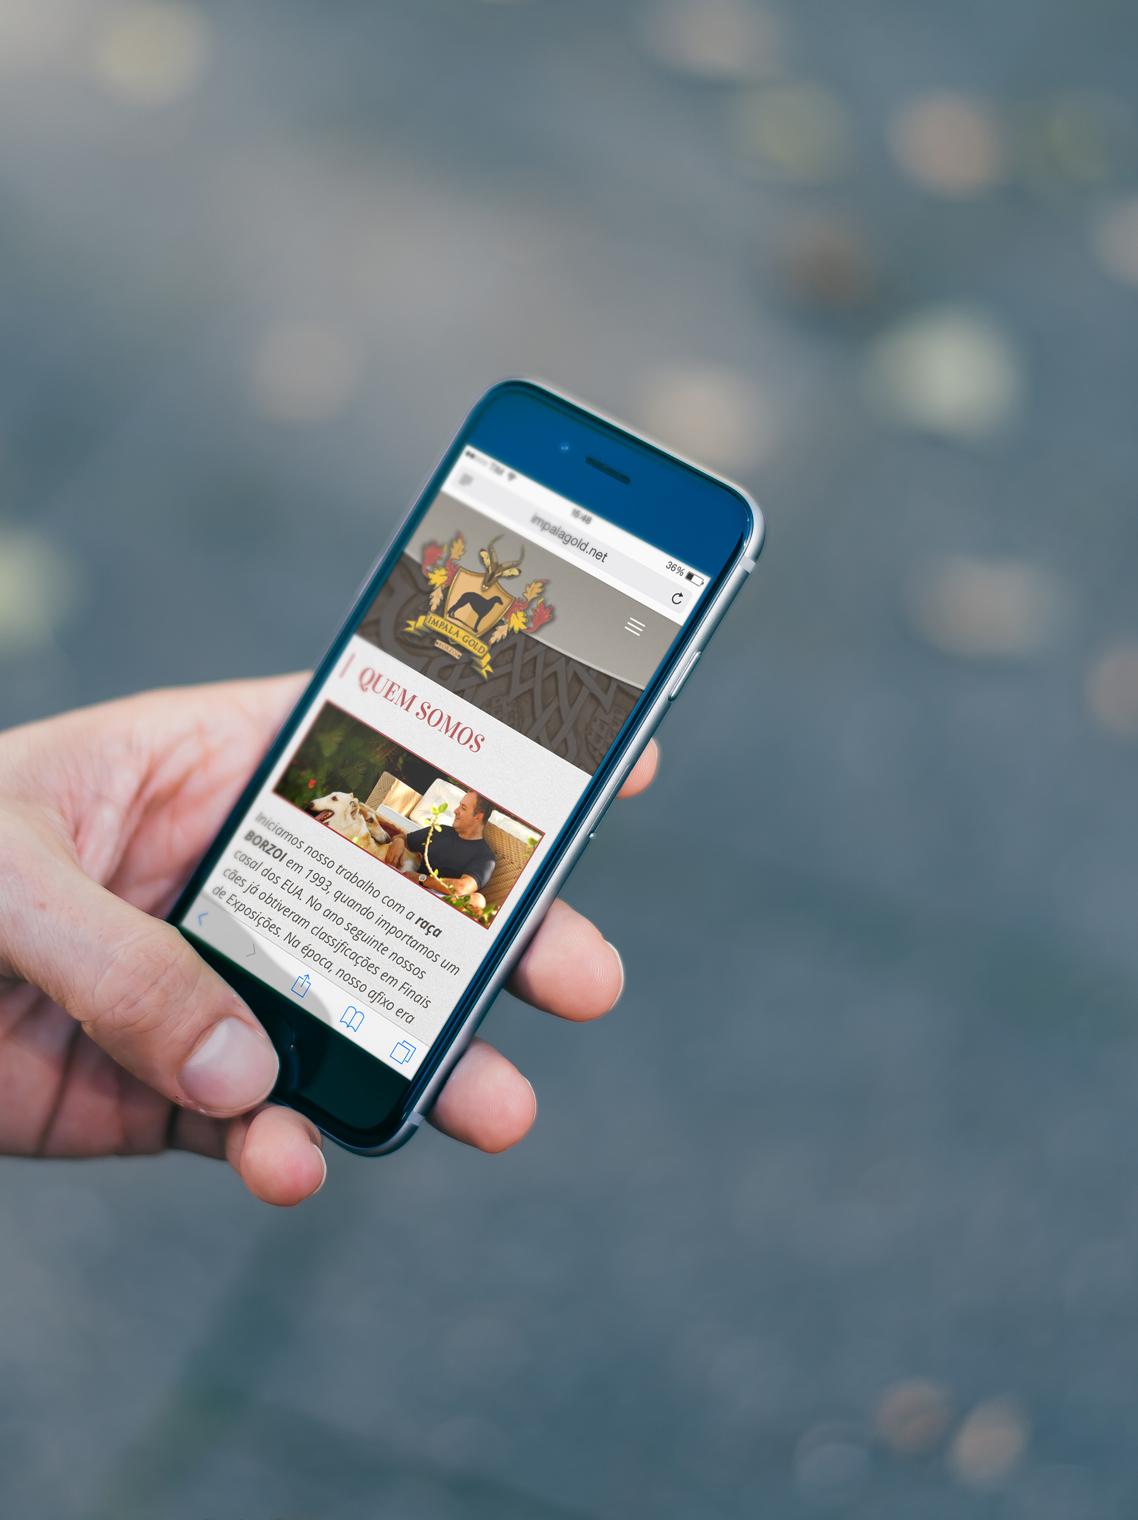 imagem celular mostrando website responsivo